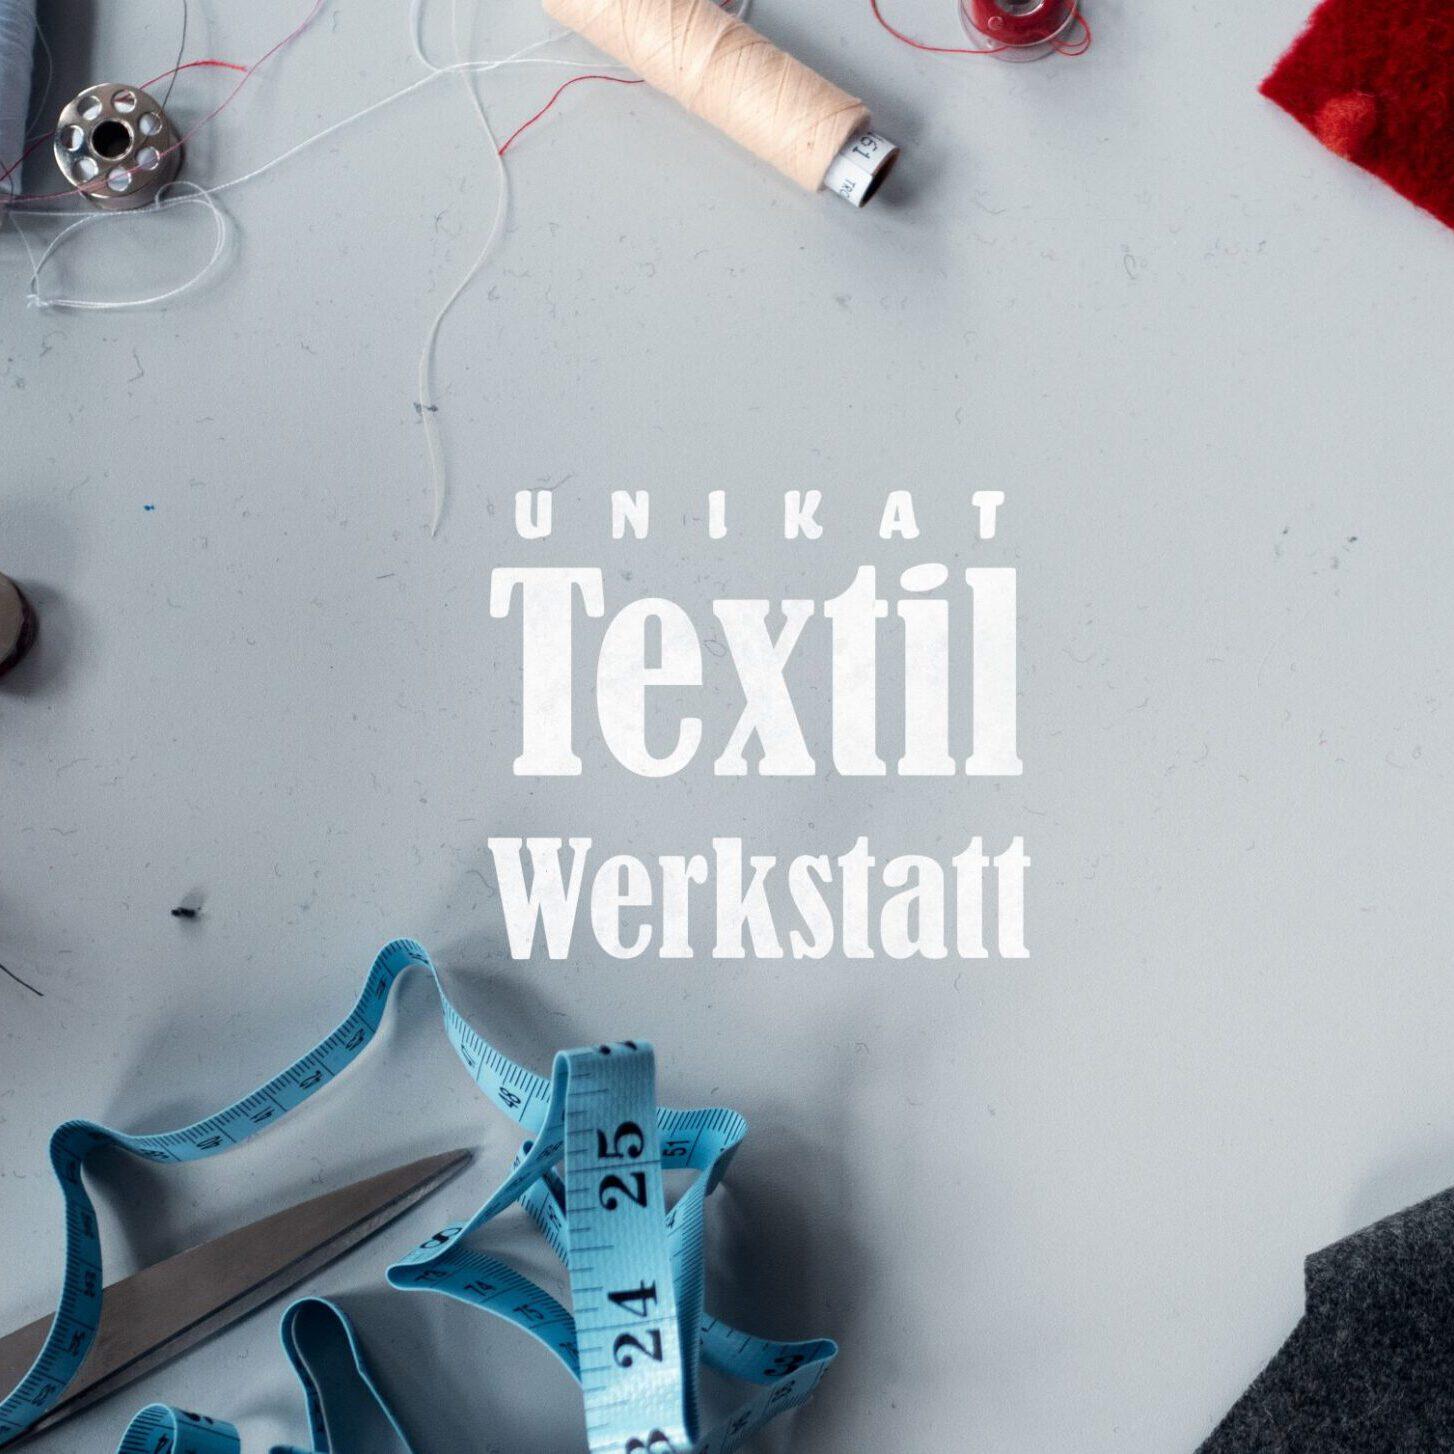 Filzwerkstatt-Textilwerkstatt